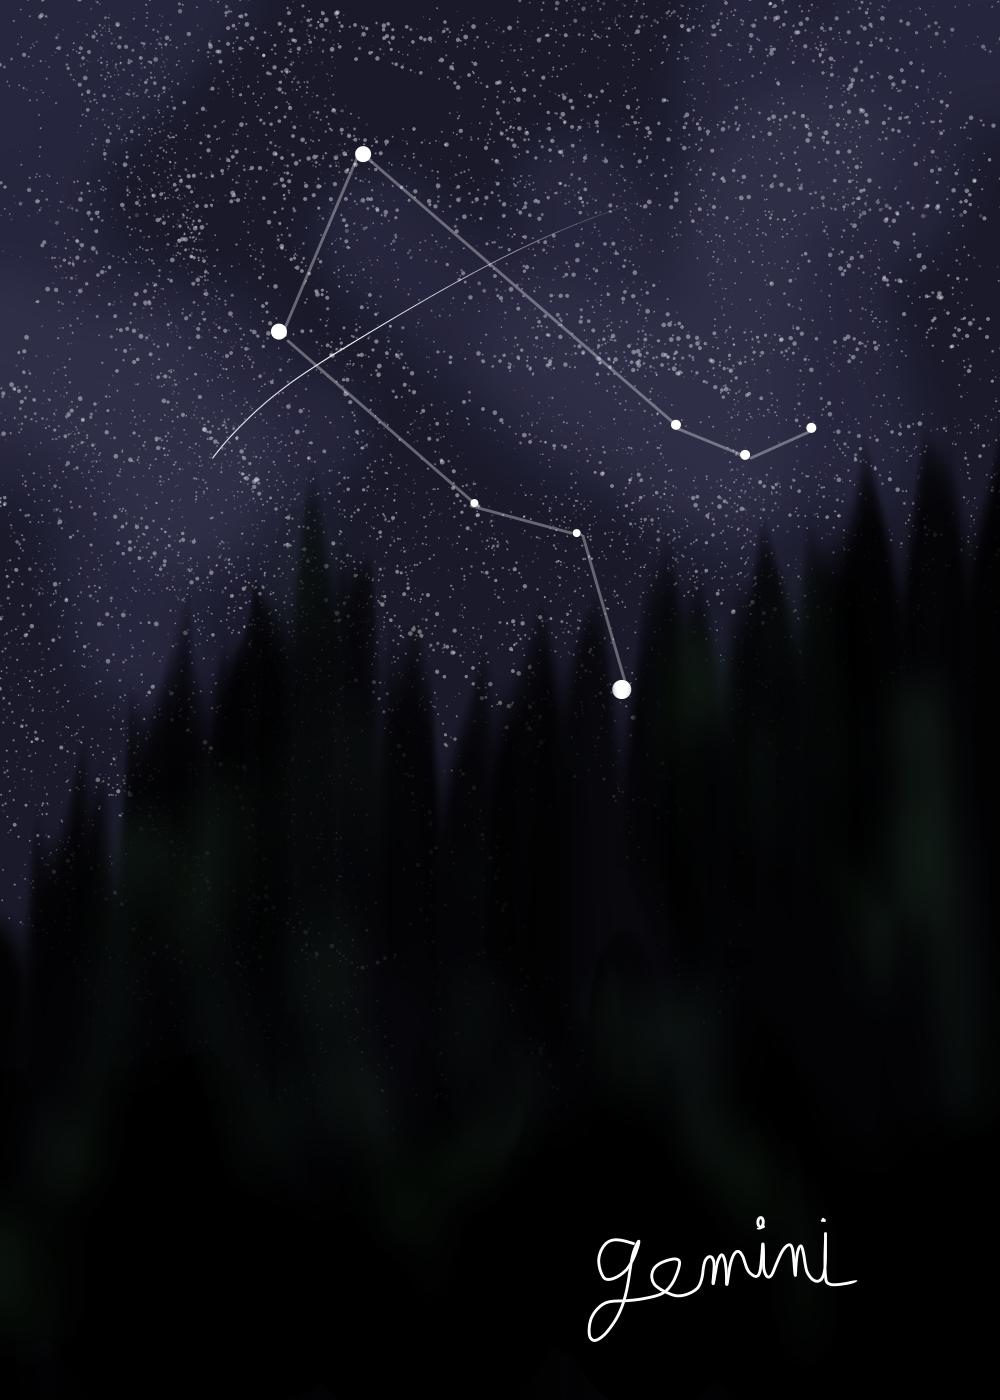 Gemini by Iamtheturtleartist